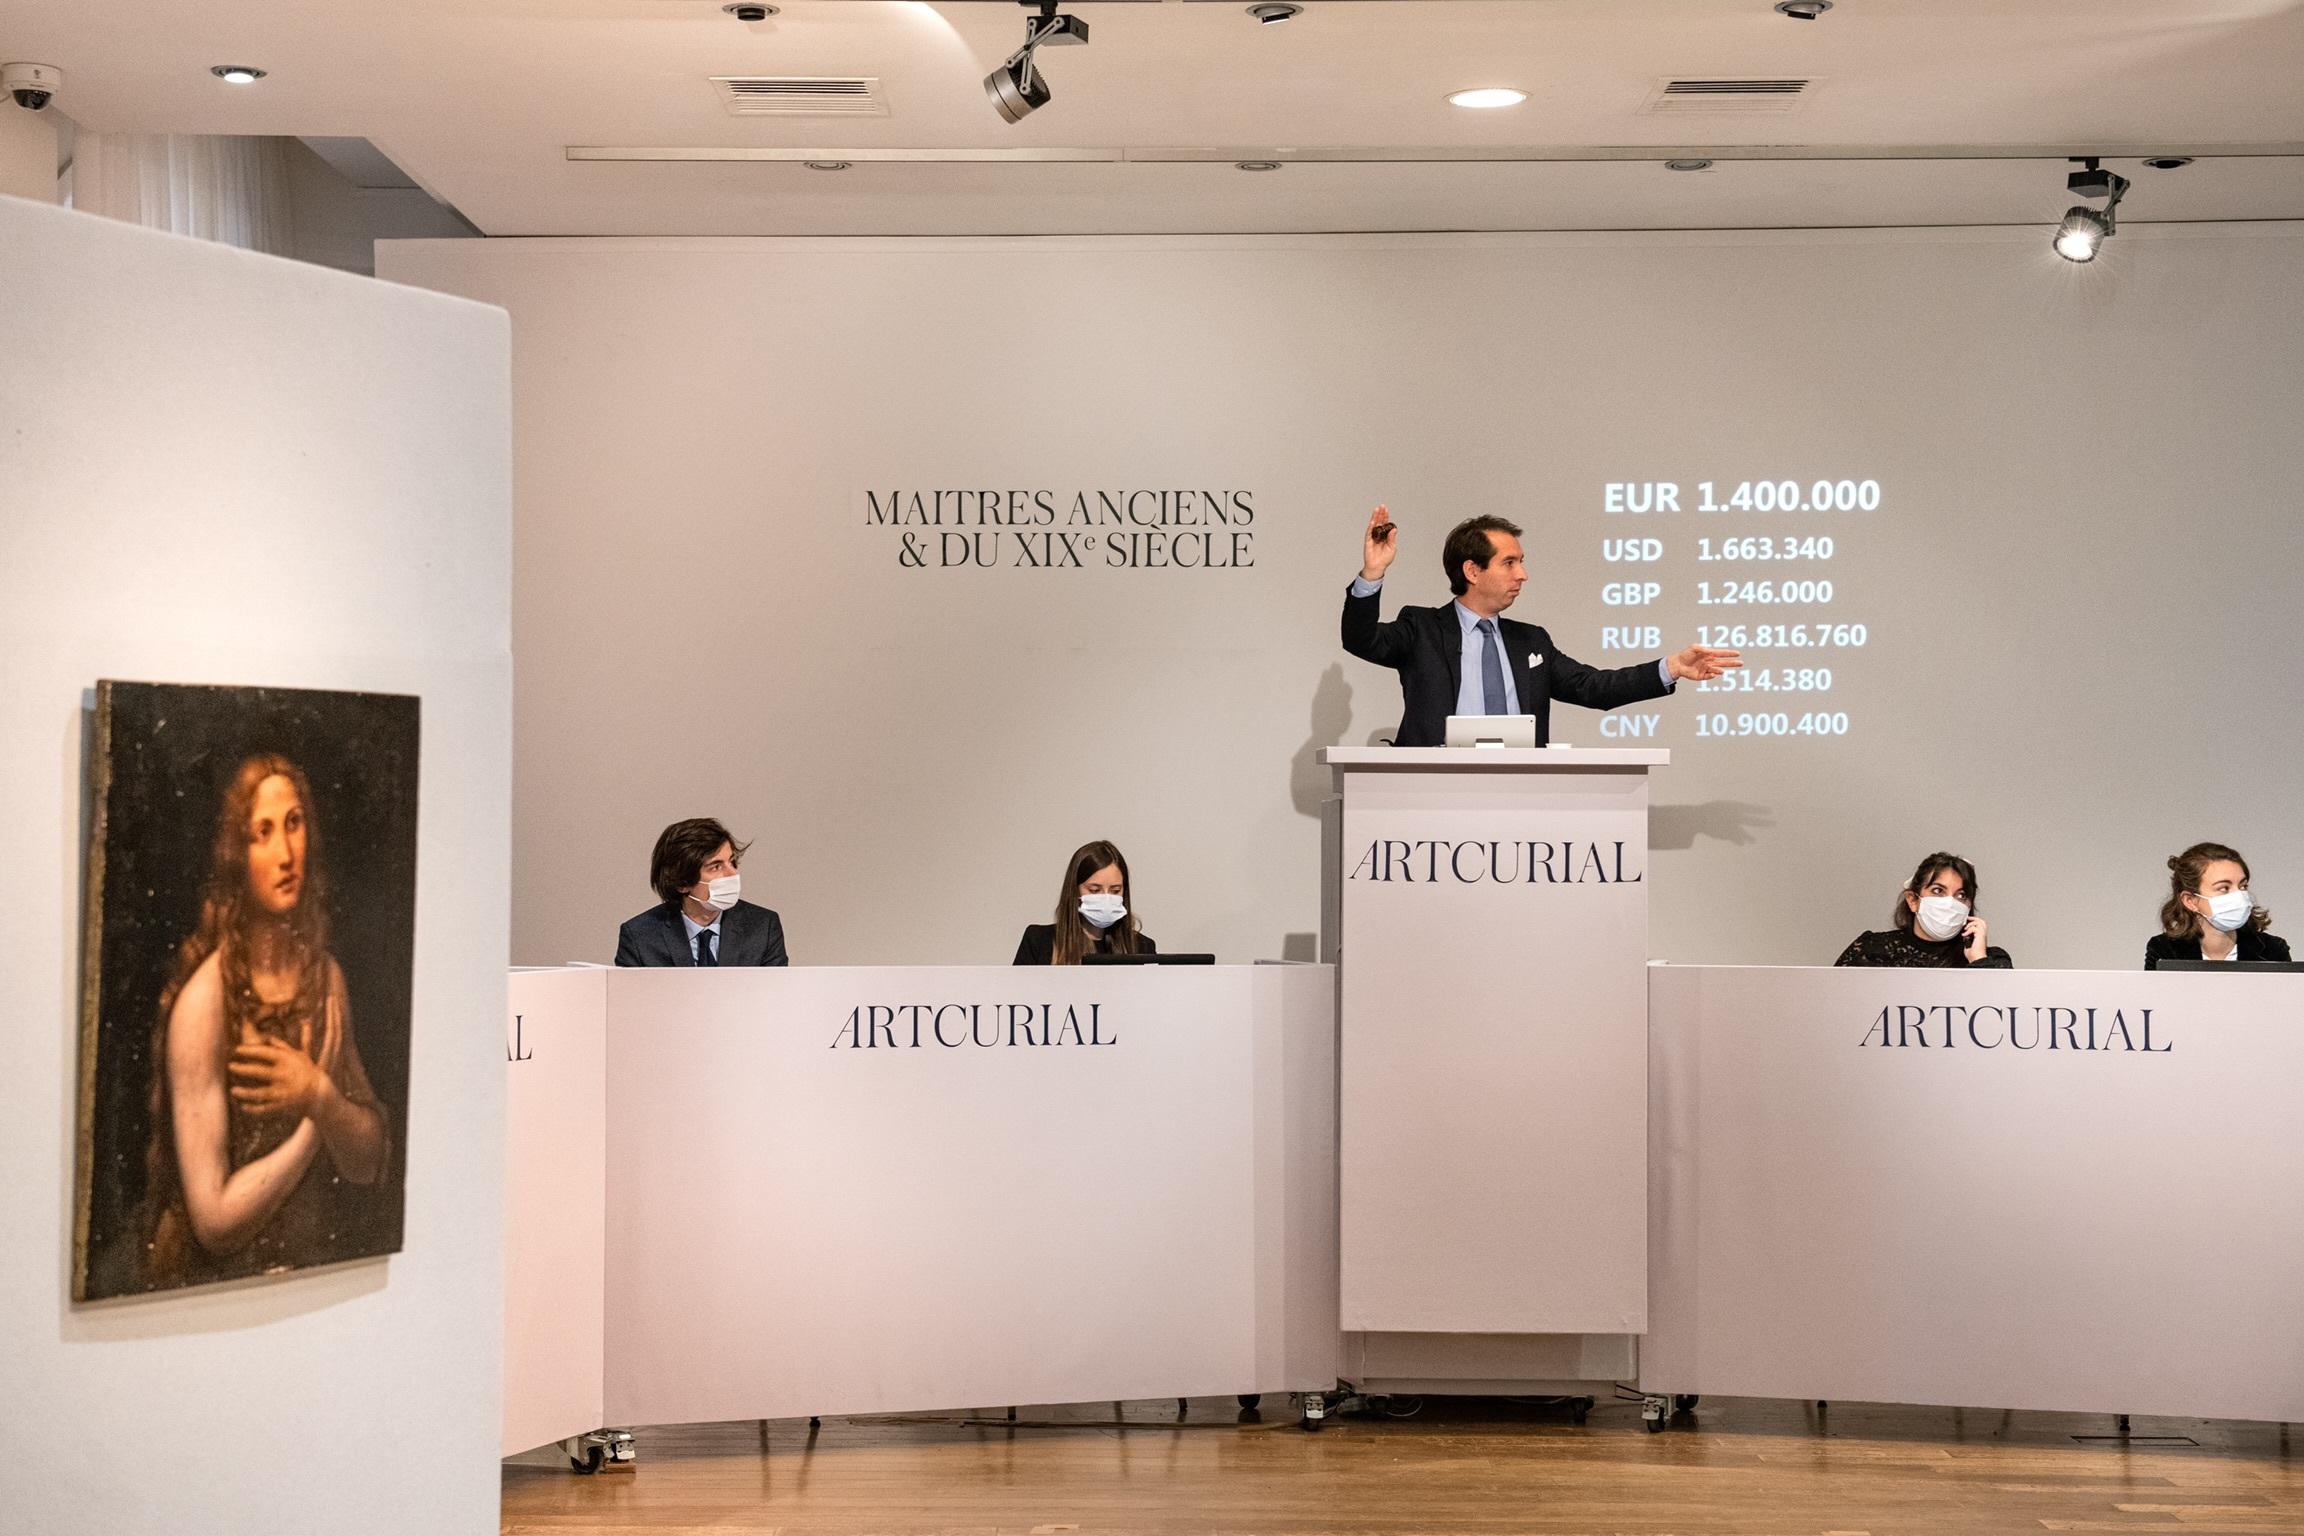 تابلوی مریم مجلدیه اثر «سالای» شاگرد داوینچی با قیمت ۱.۷ میلیون یورو فروخته شد